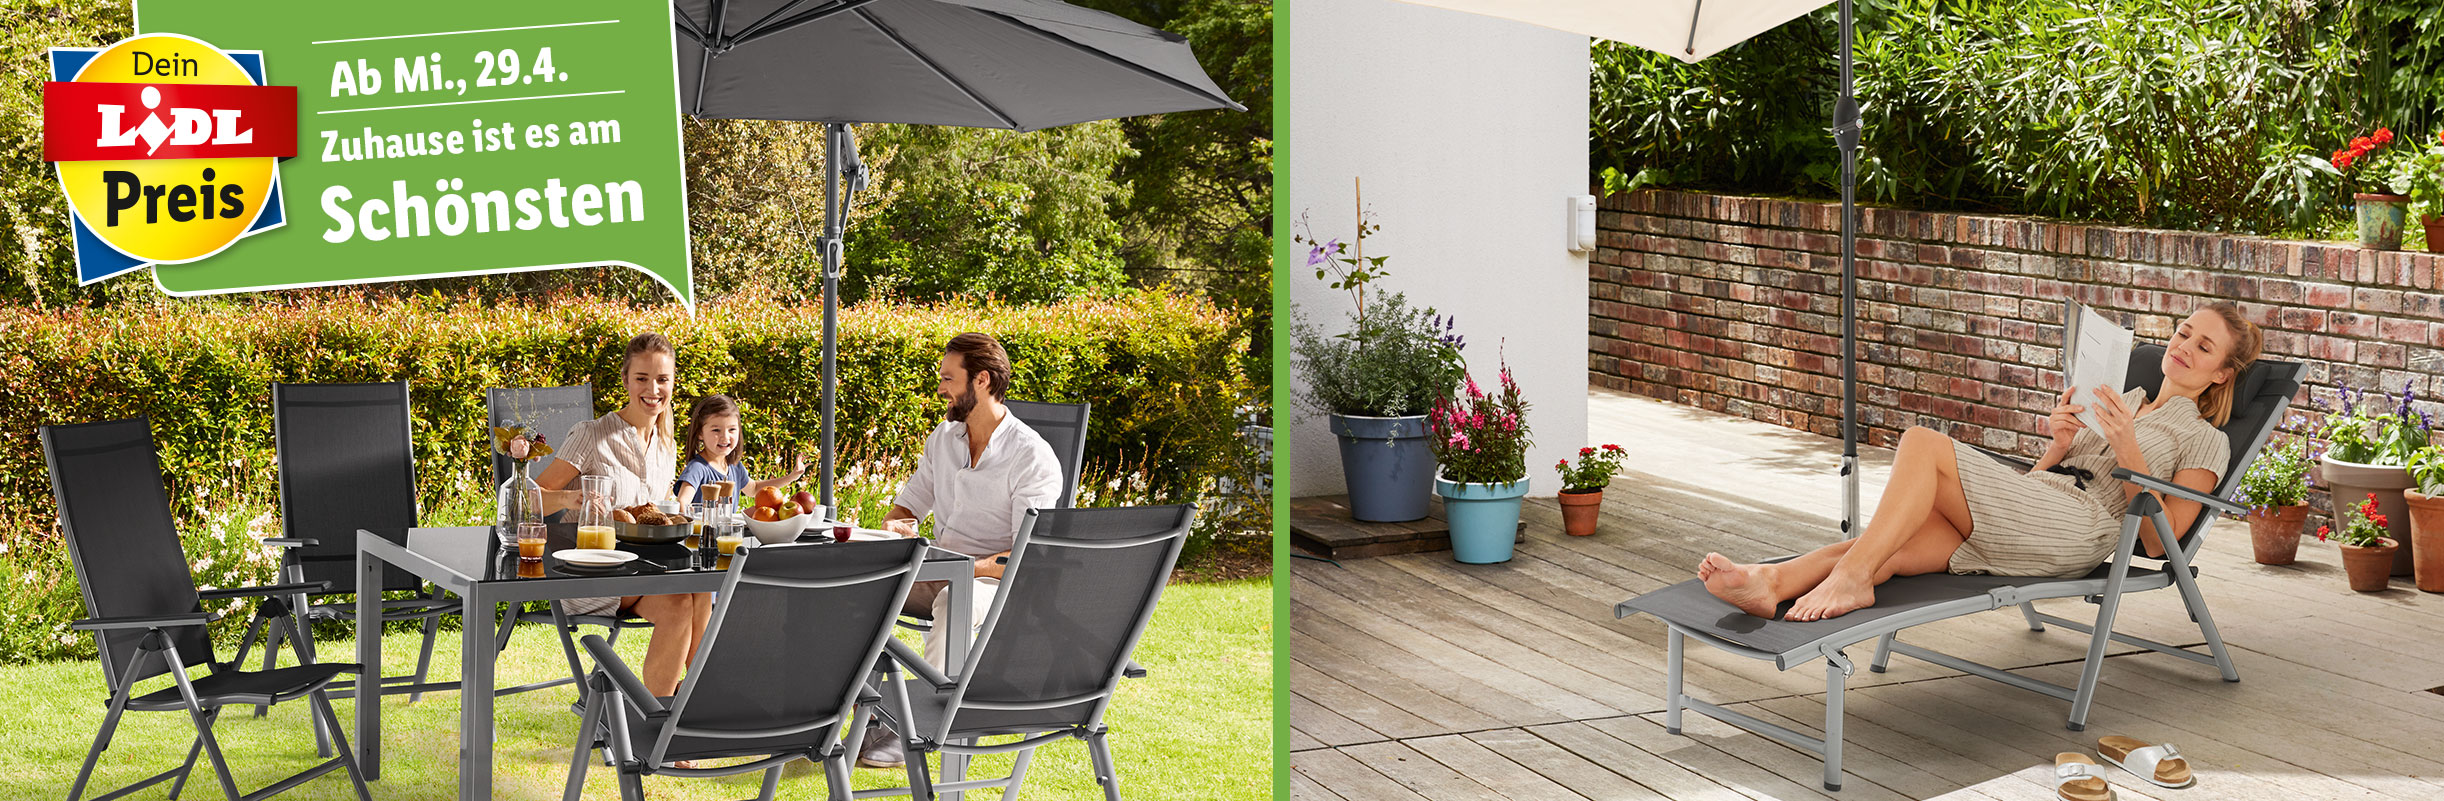 Full Size of Lidl Gartentisch Gartentischdecke Rund Glas Ausziehbar Alu Angebot Zuhause Ist Es Am Schnsten Wohnzimmer Lidl Gartentisch